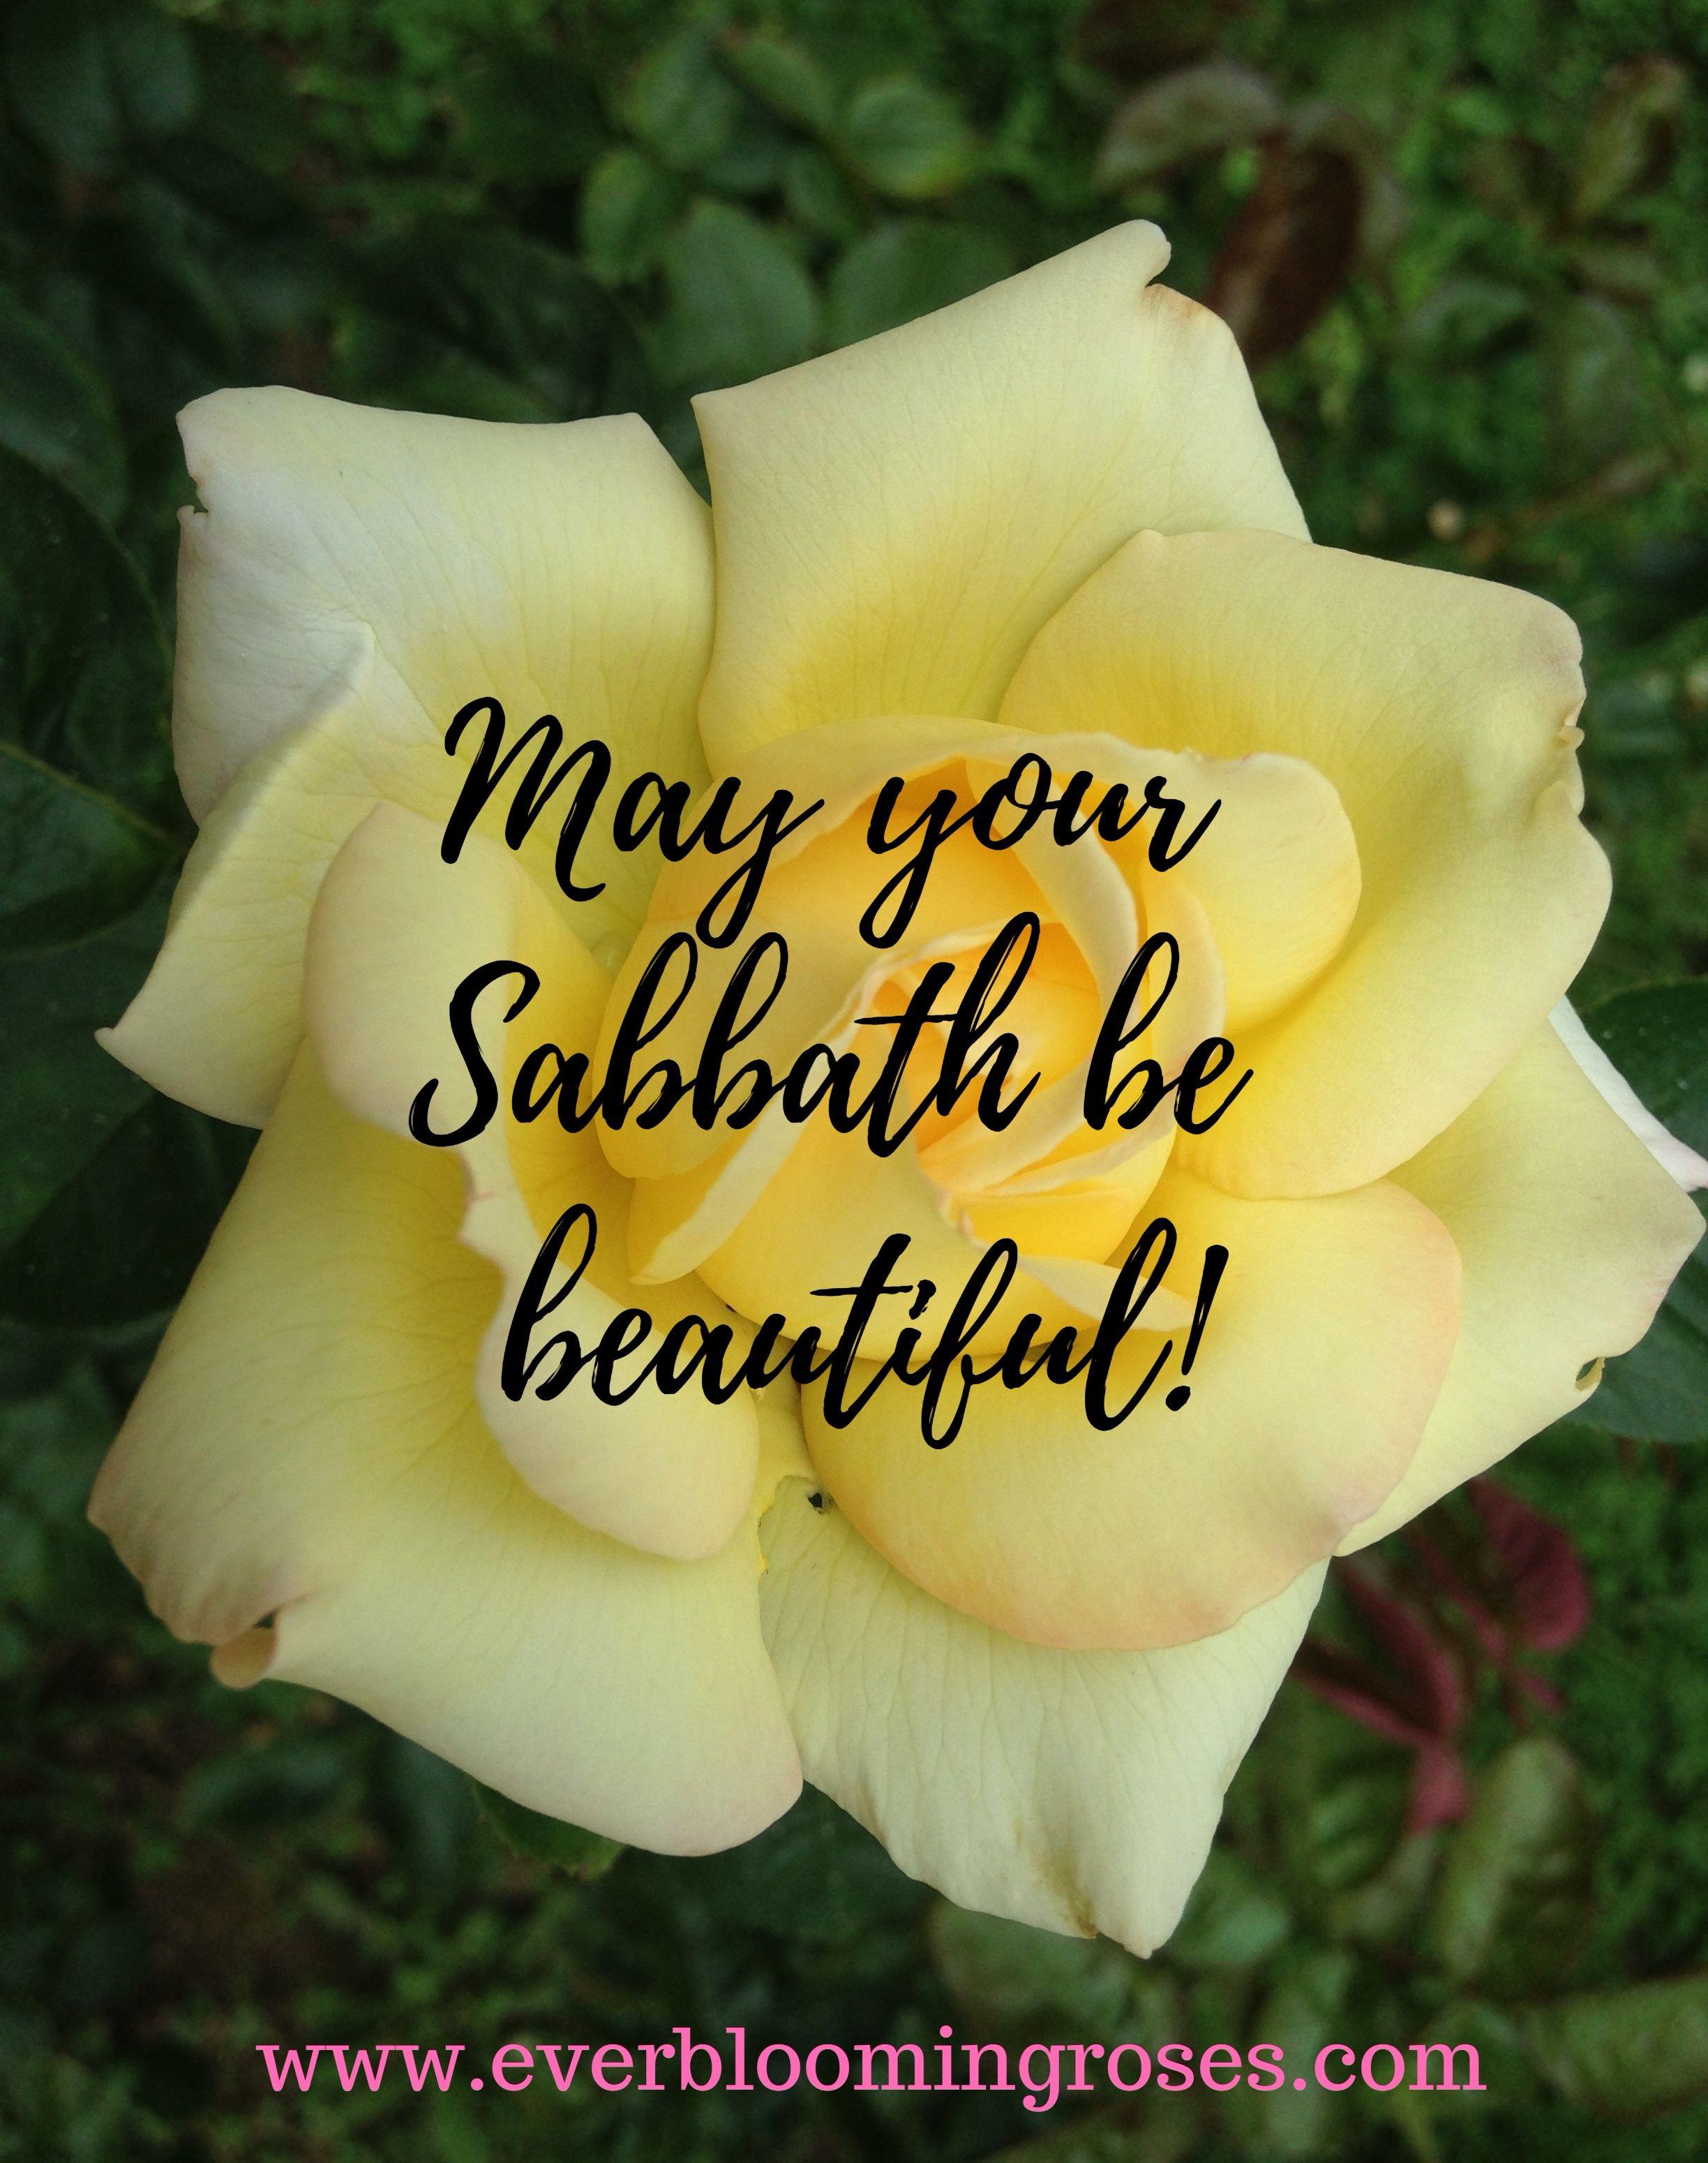 sabbathpeace